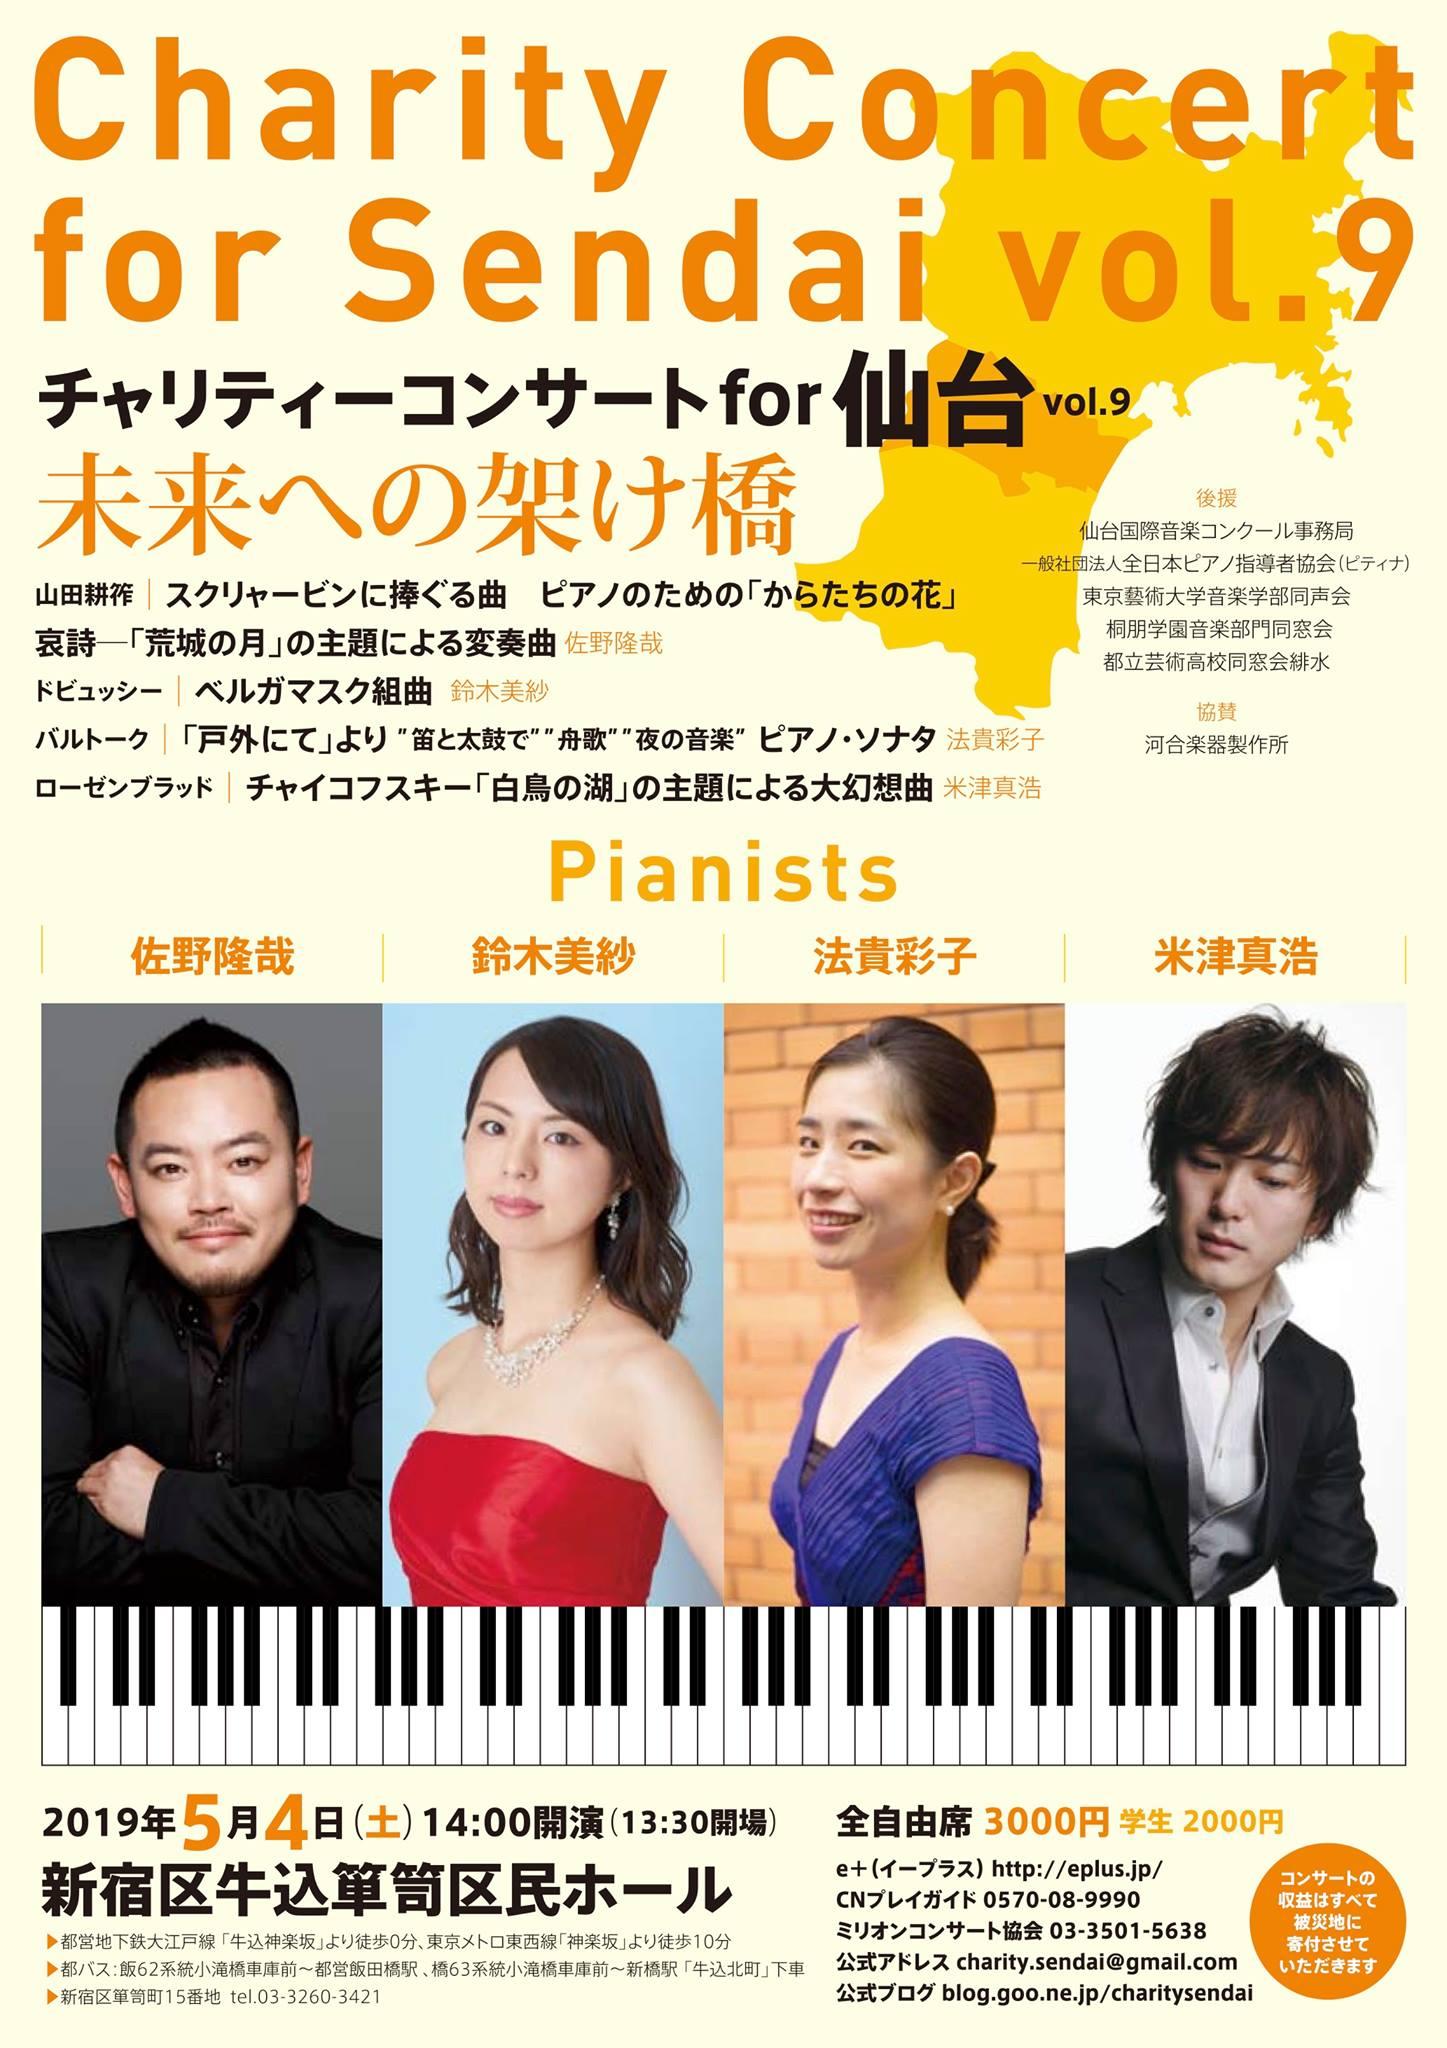 2019年5月4日(土)チャリティーコンサート for 仙台 vol.9